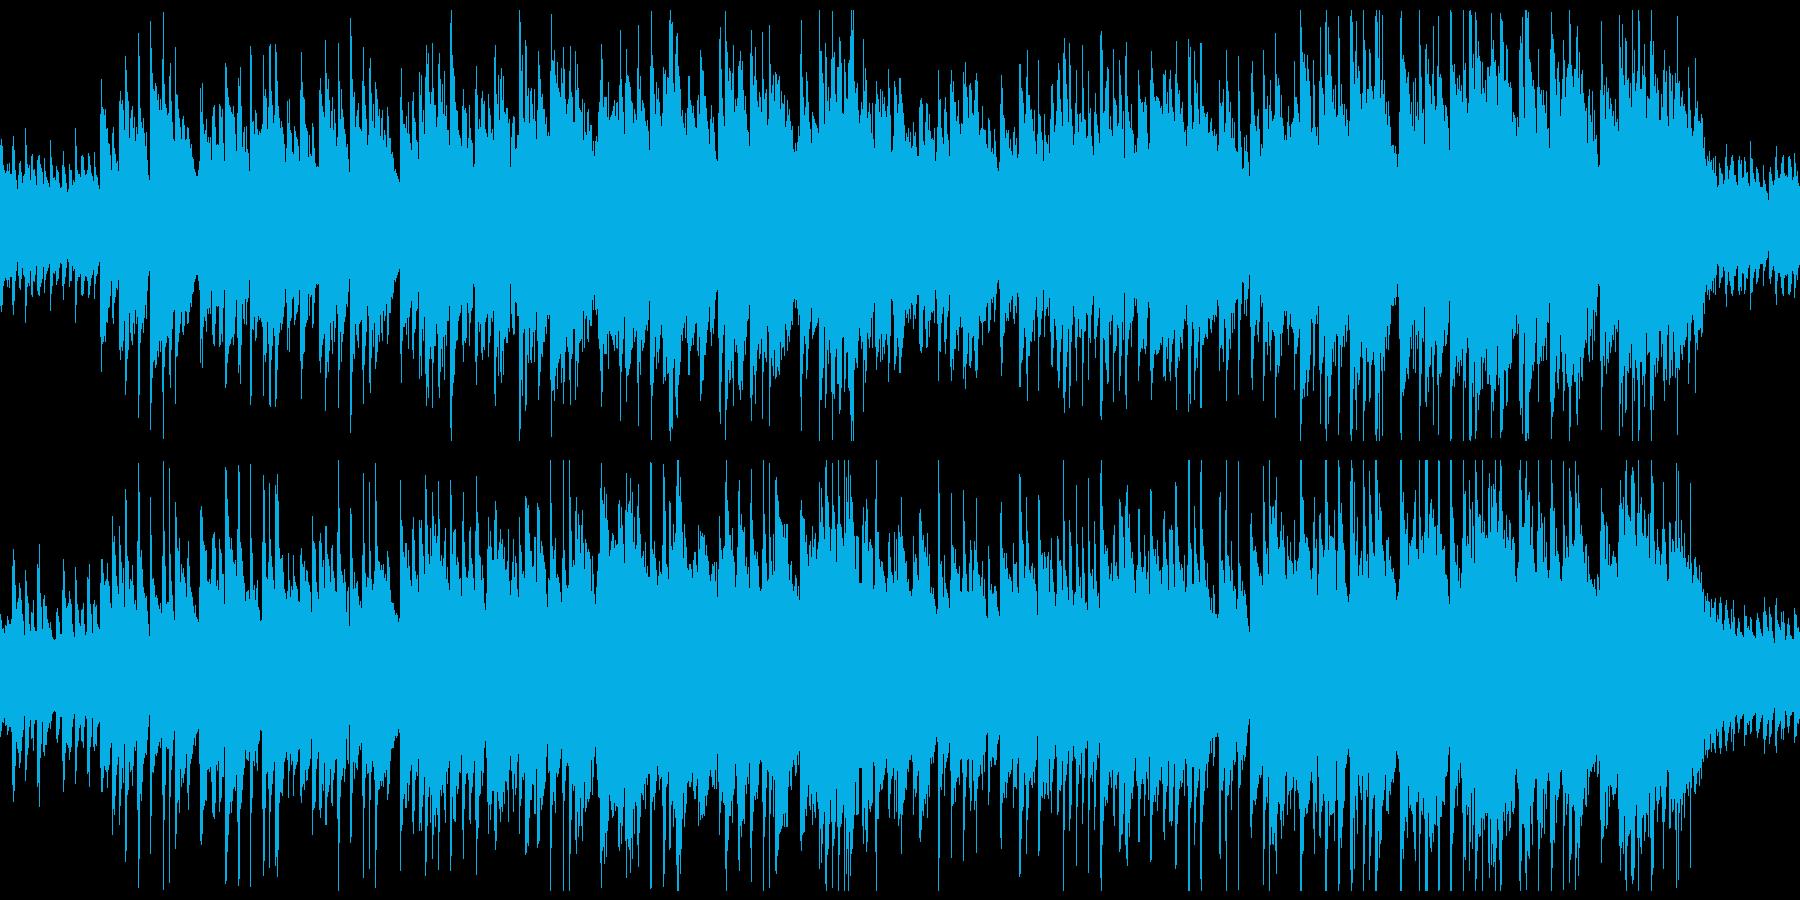 箏・優しい・リラックス・和風BGMの再生済みの波形